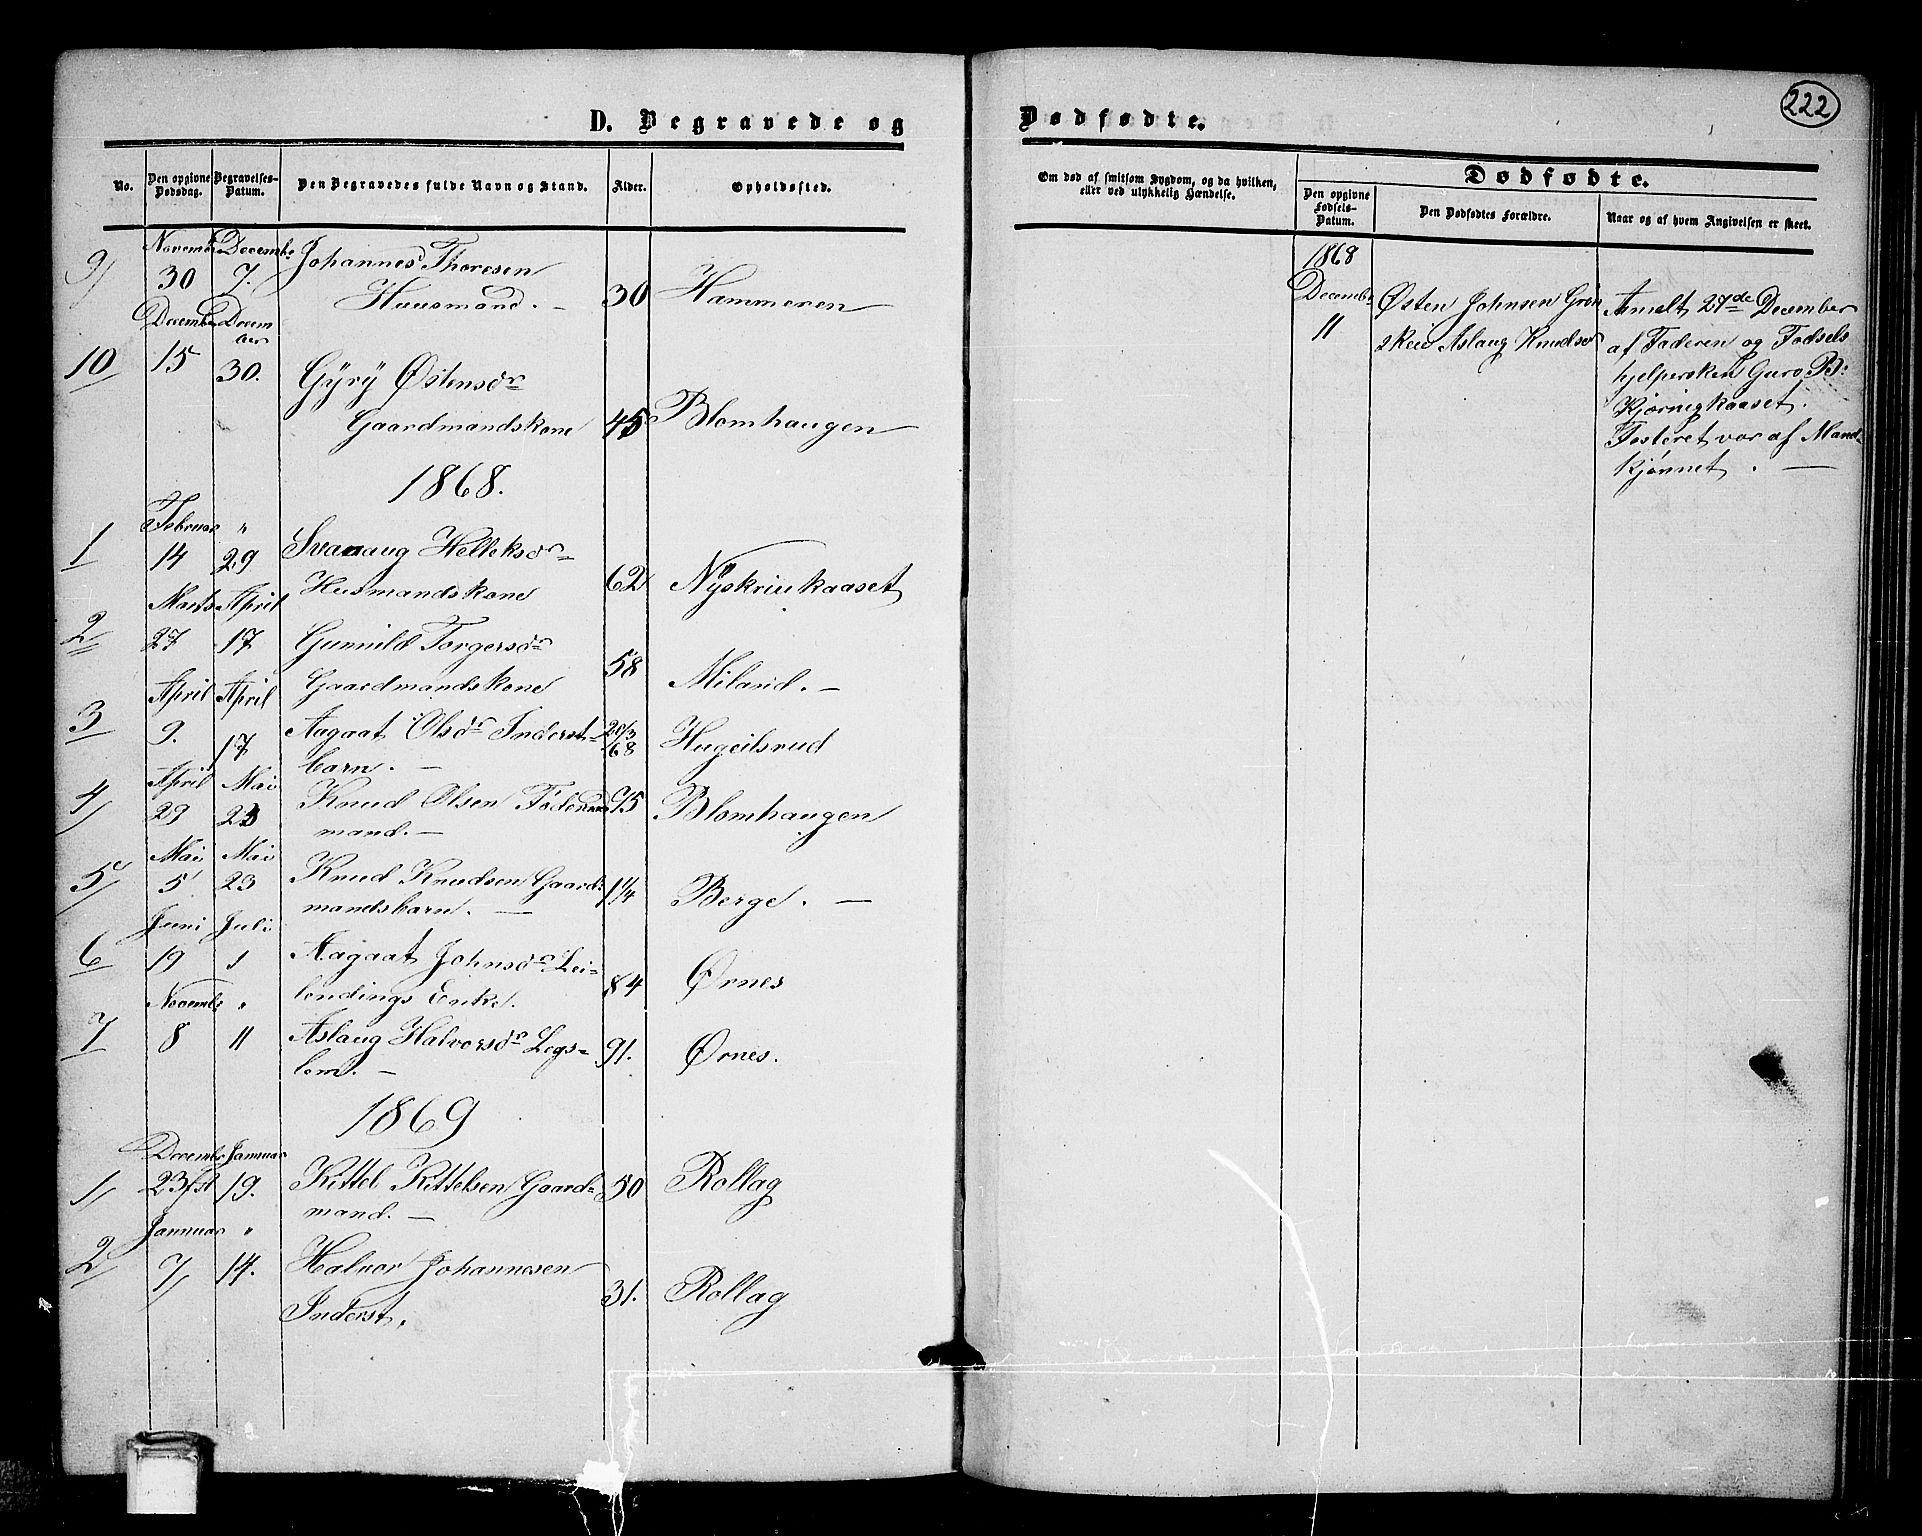 SAKO, Tinn kirkebøker, G/Gb/L0002: Klokkerbok nr. II 2, 1851-1886, s. 222